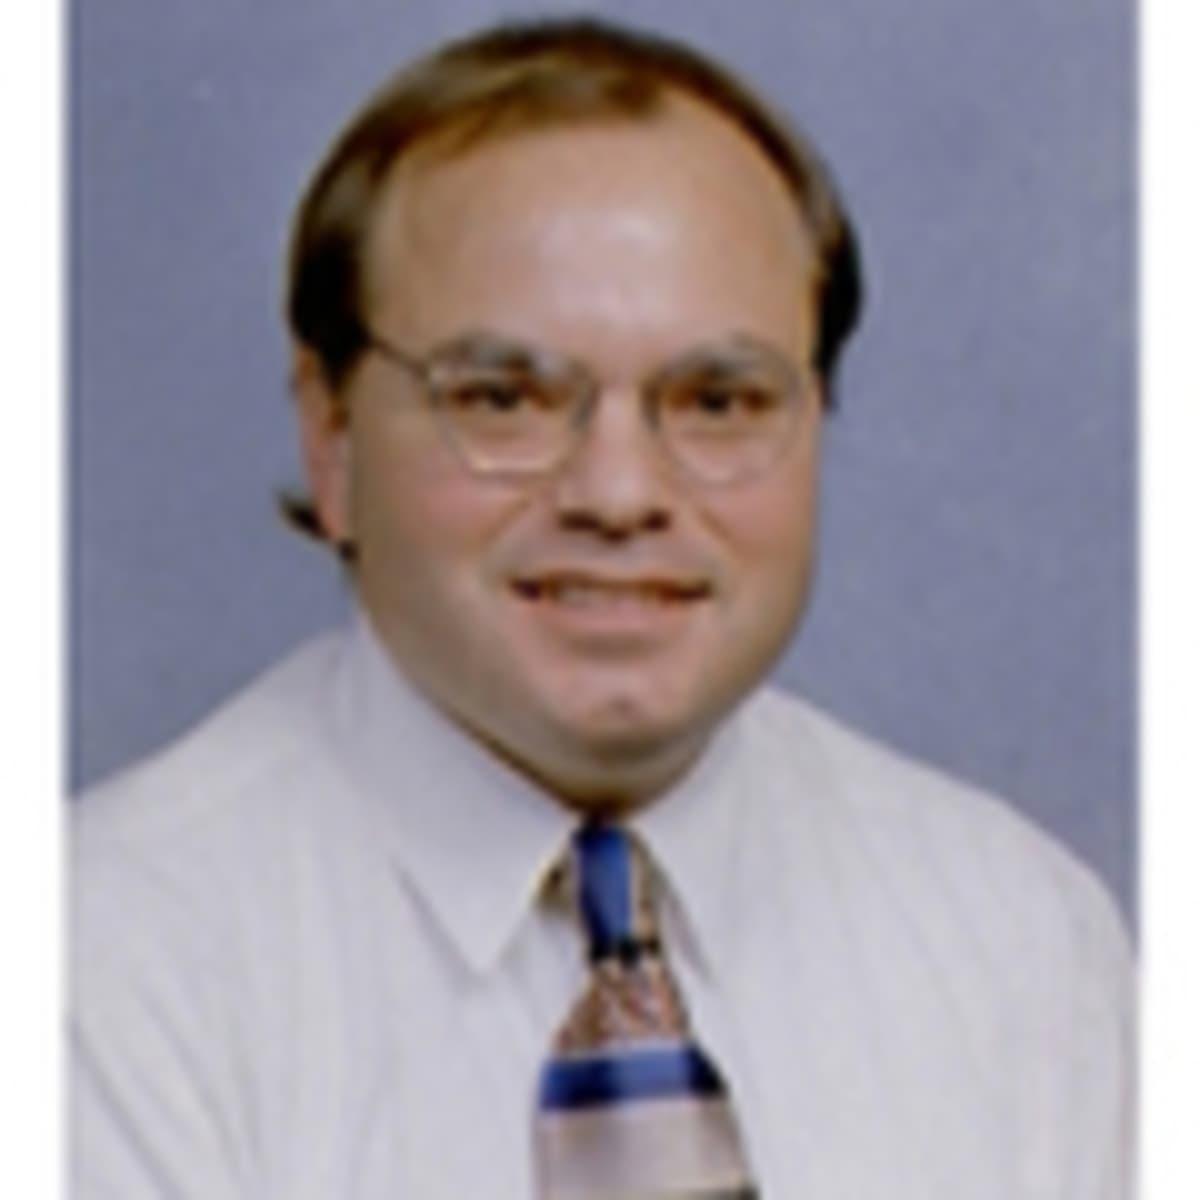 video dr jay hagloch md lantic fl family doctor